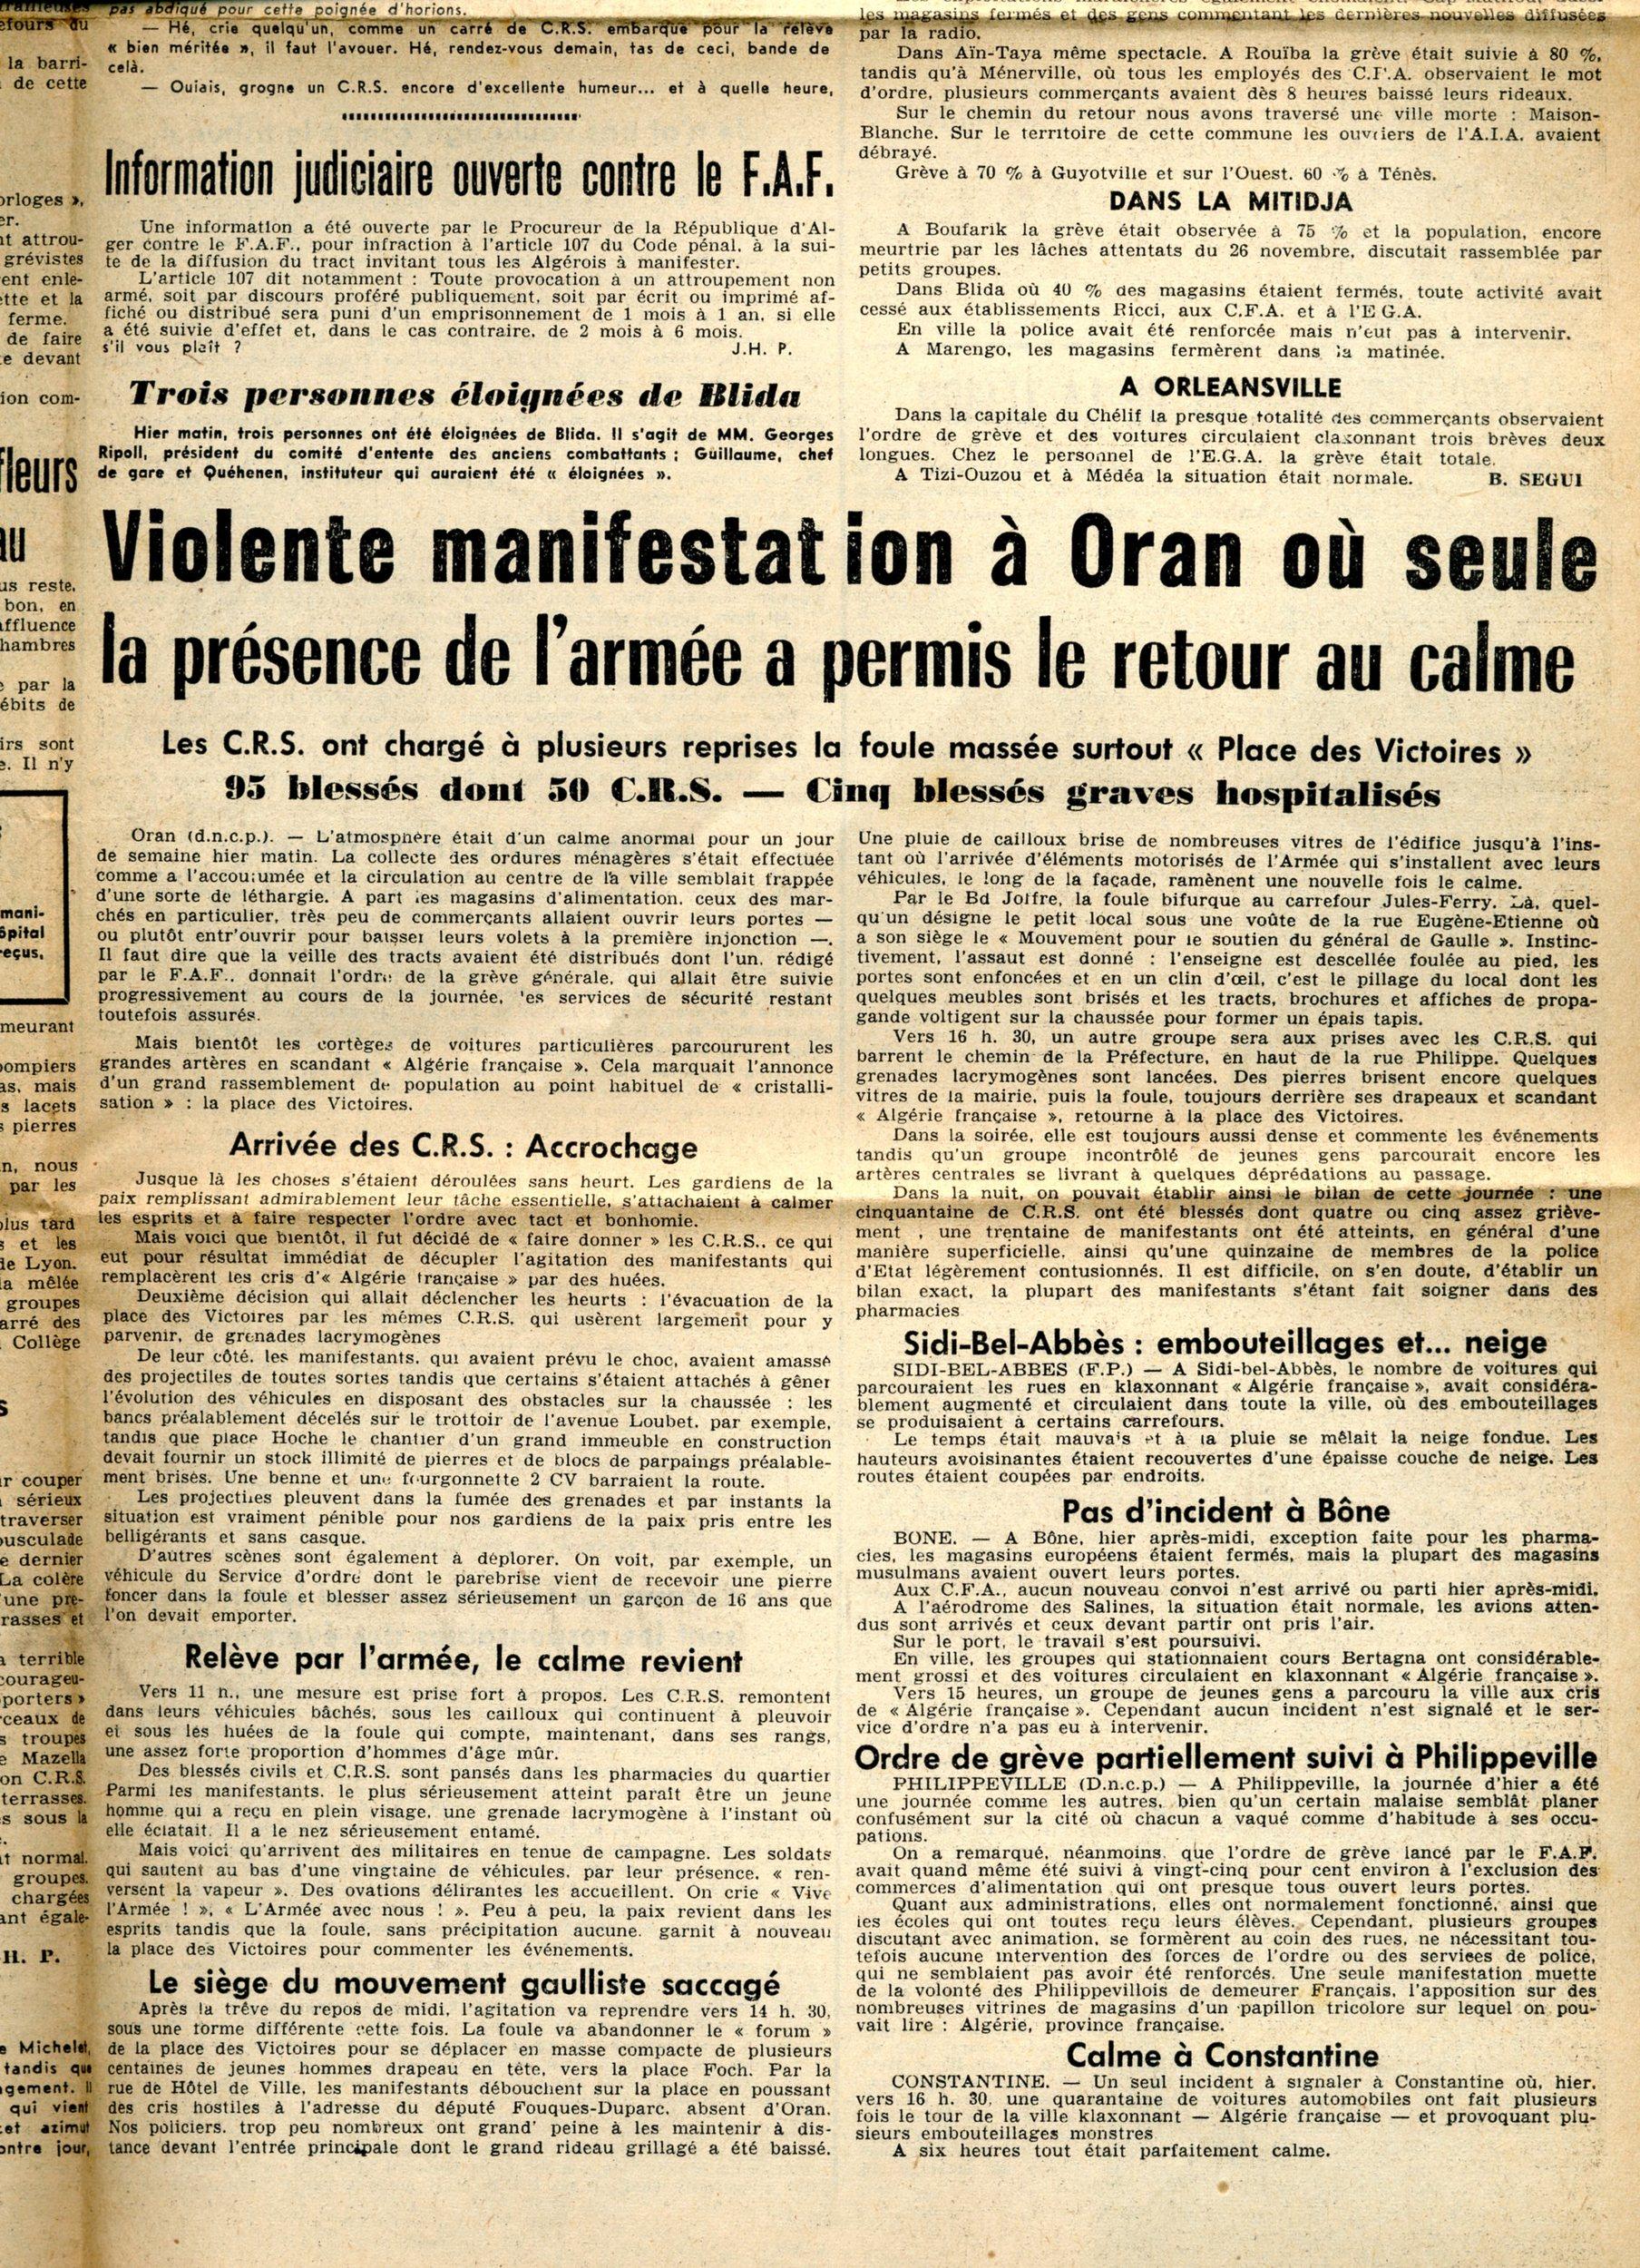 REC_MAN_JOUR19_journaux coupure3r suite3.jpg